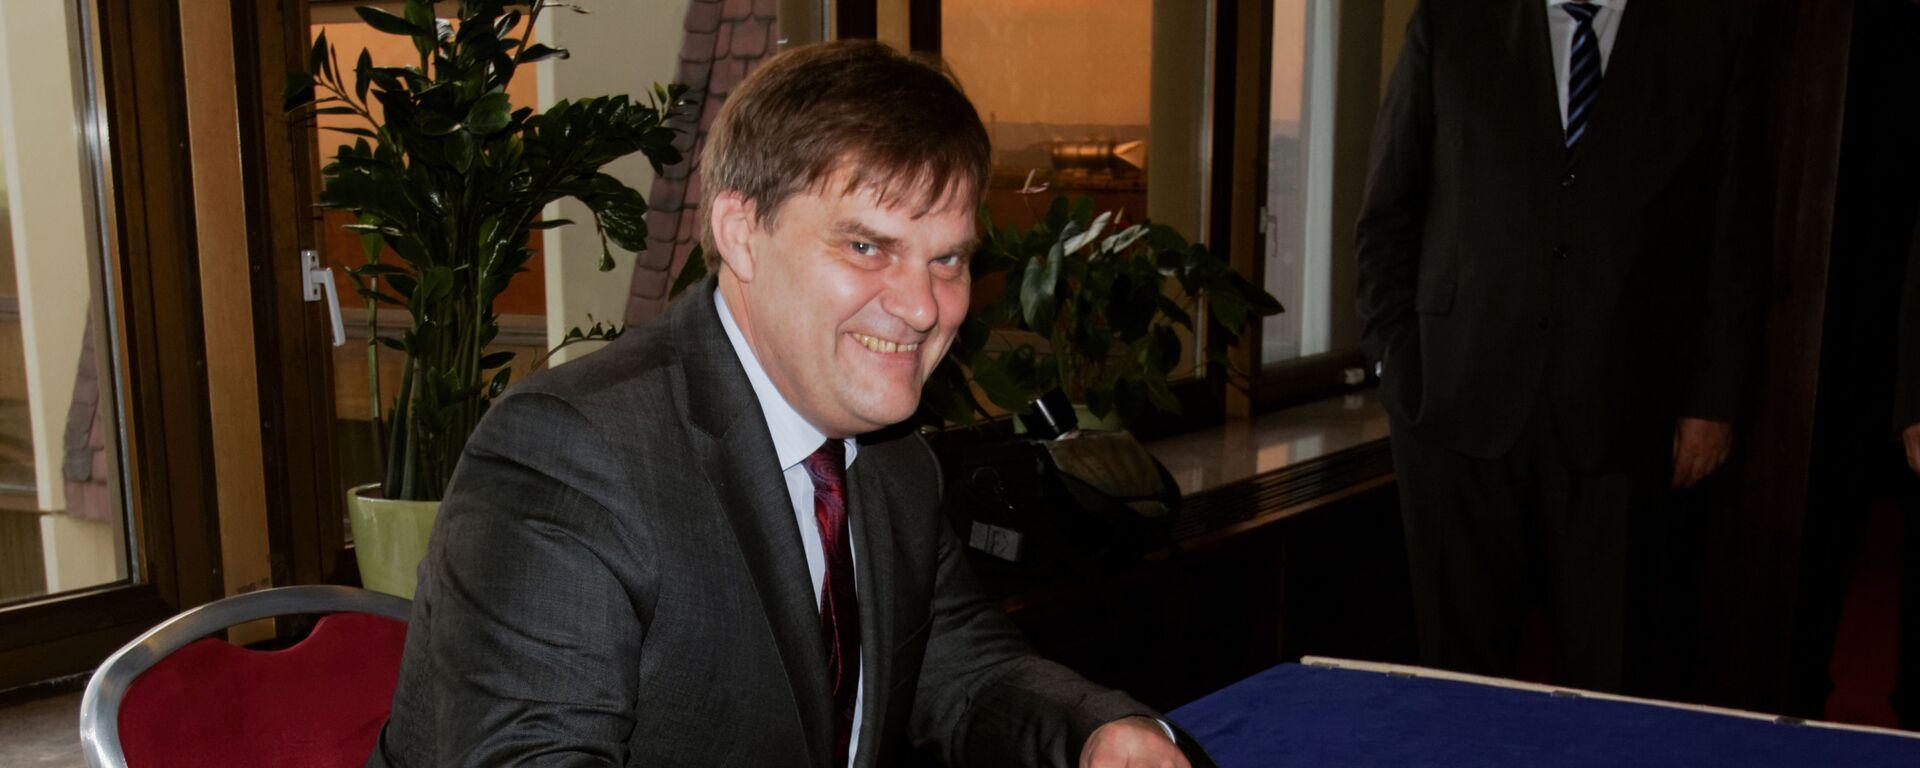 Šéf zahraničního odboru prezidentské kanceláře Rudolf Jindrák. - Sputnik Česká republika, 1920, 09.05.2021